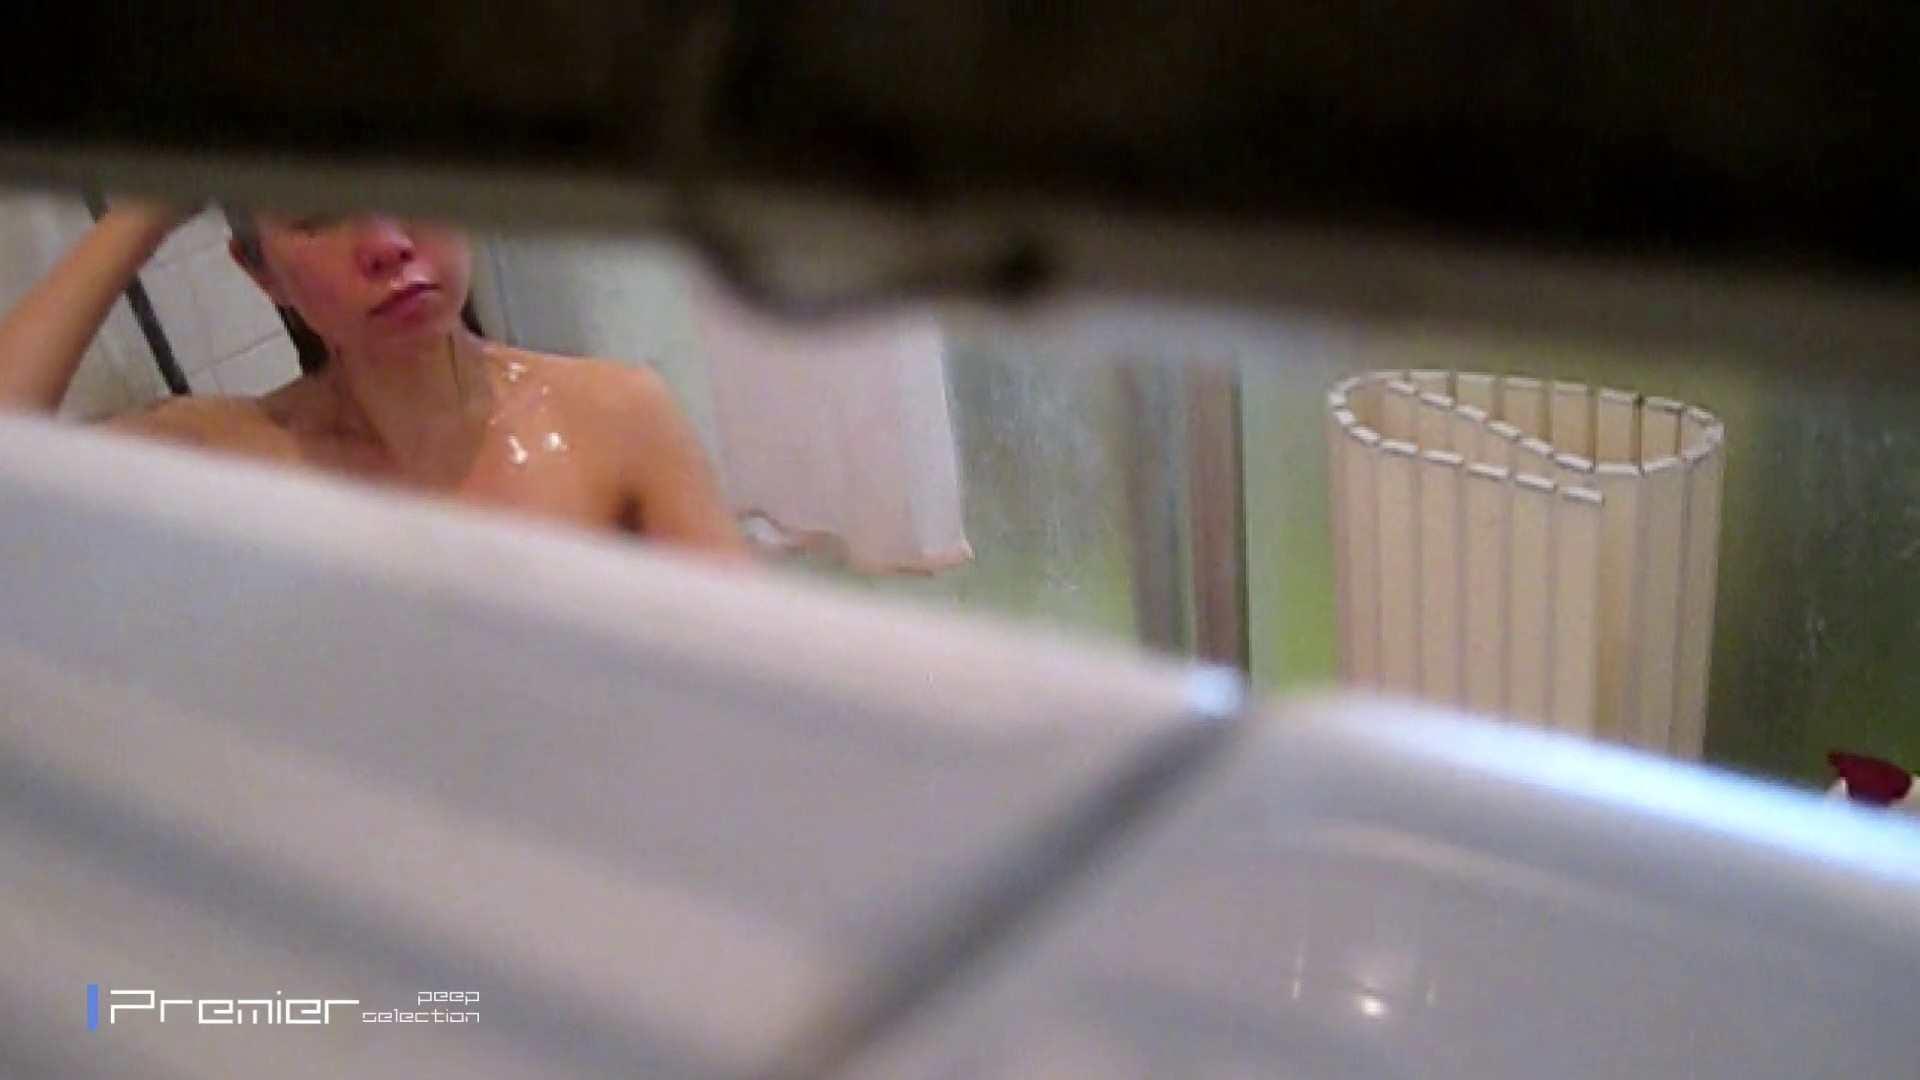 水も滴る美女入浴盗撮 乙女の風呂場 Vol.18 女湯のぞき エロ画像 88枚 24